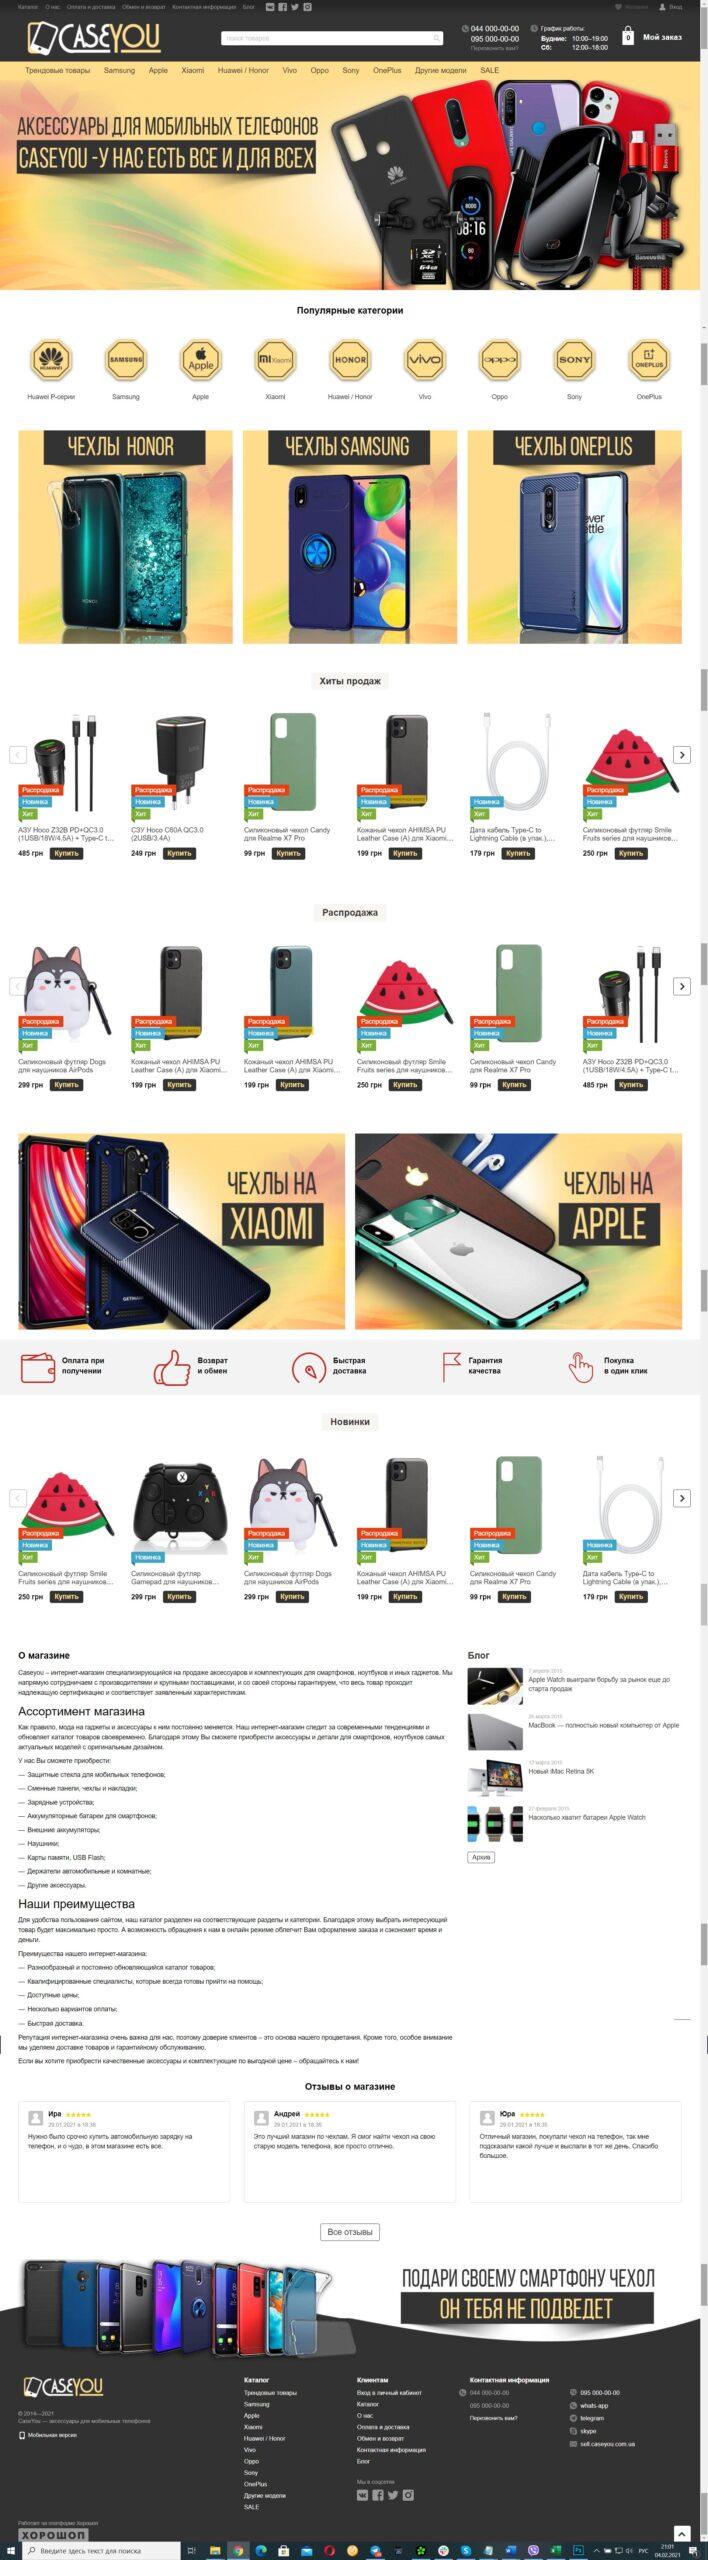 Дизайн магазина на хорошопе по продаже мобильных аксессуаров